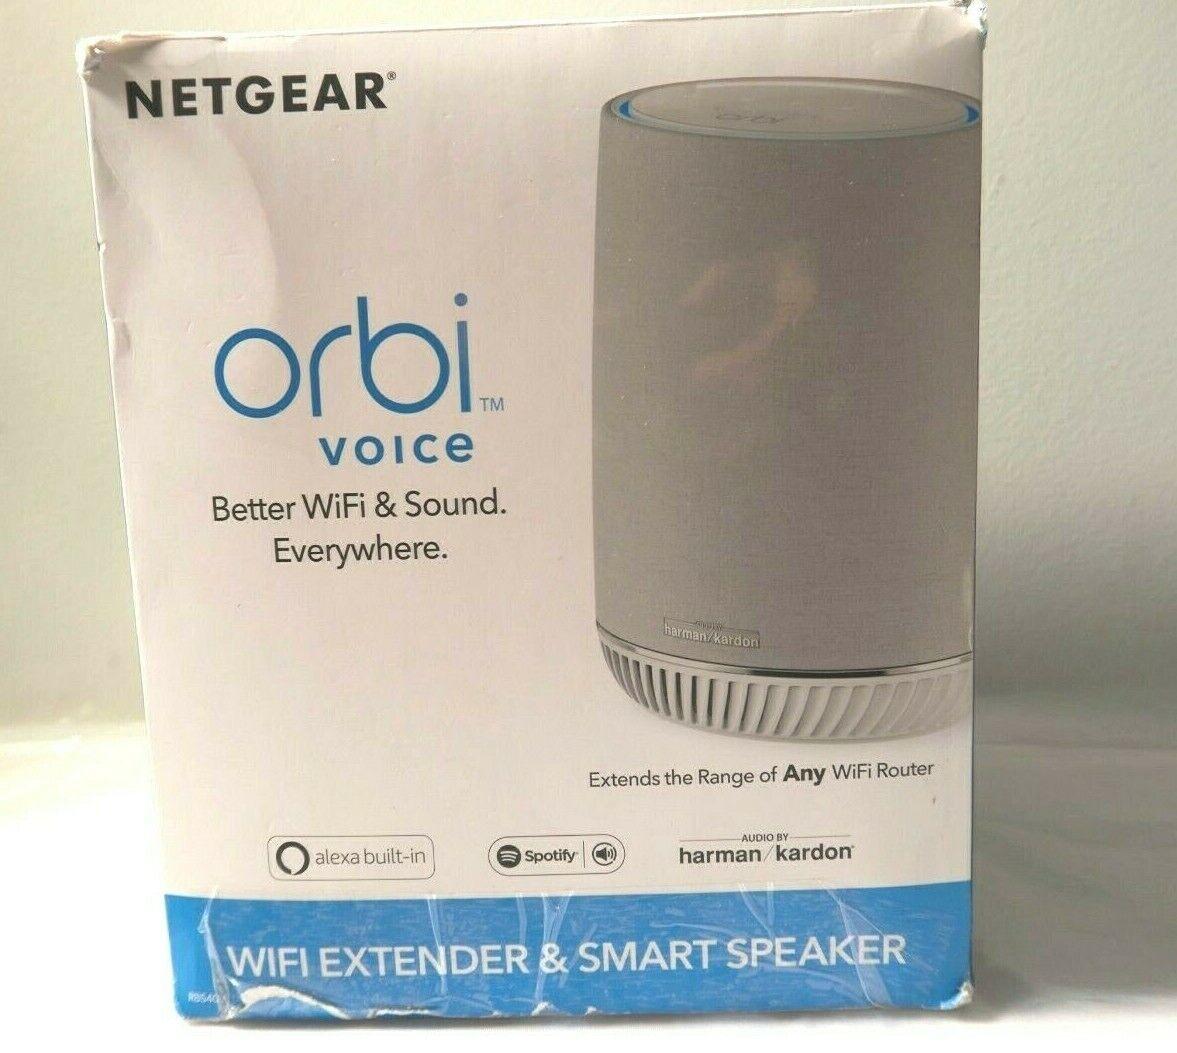 NETGEAR Orbi Voice Smart Speaker WiFi Mesh Extender - $87.00